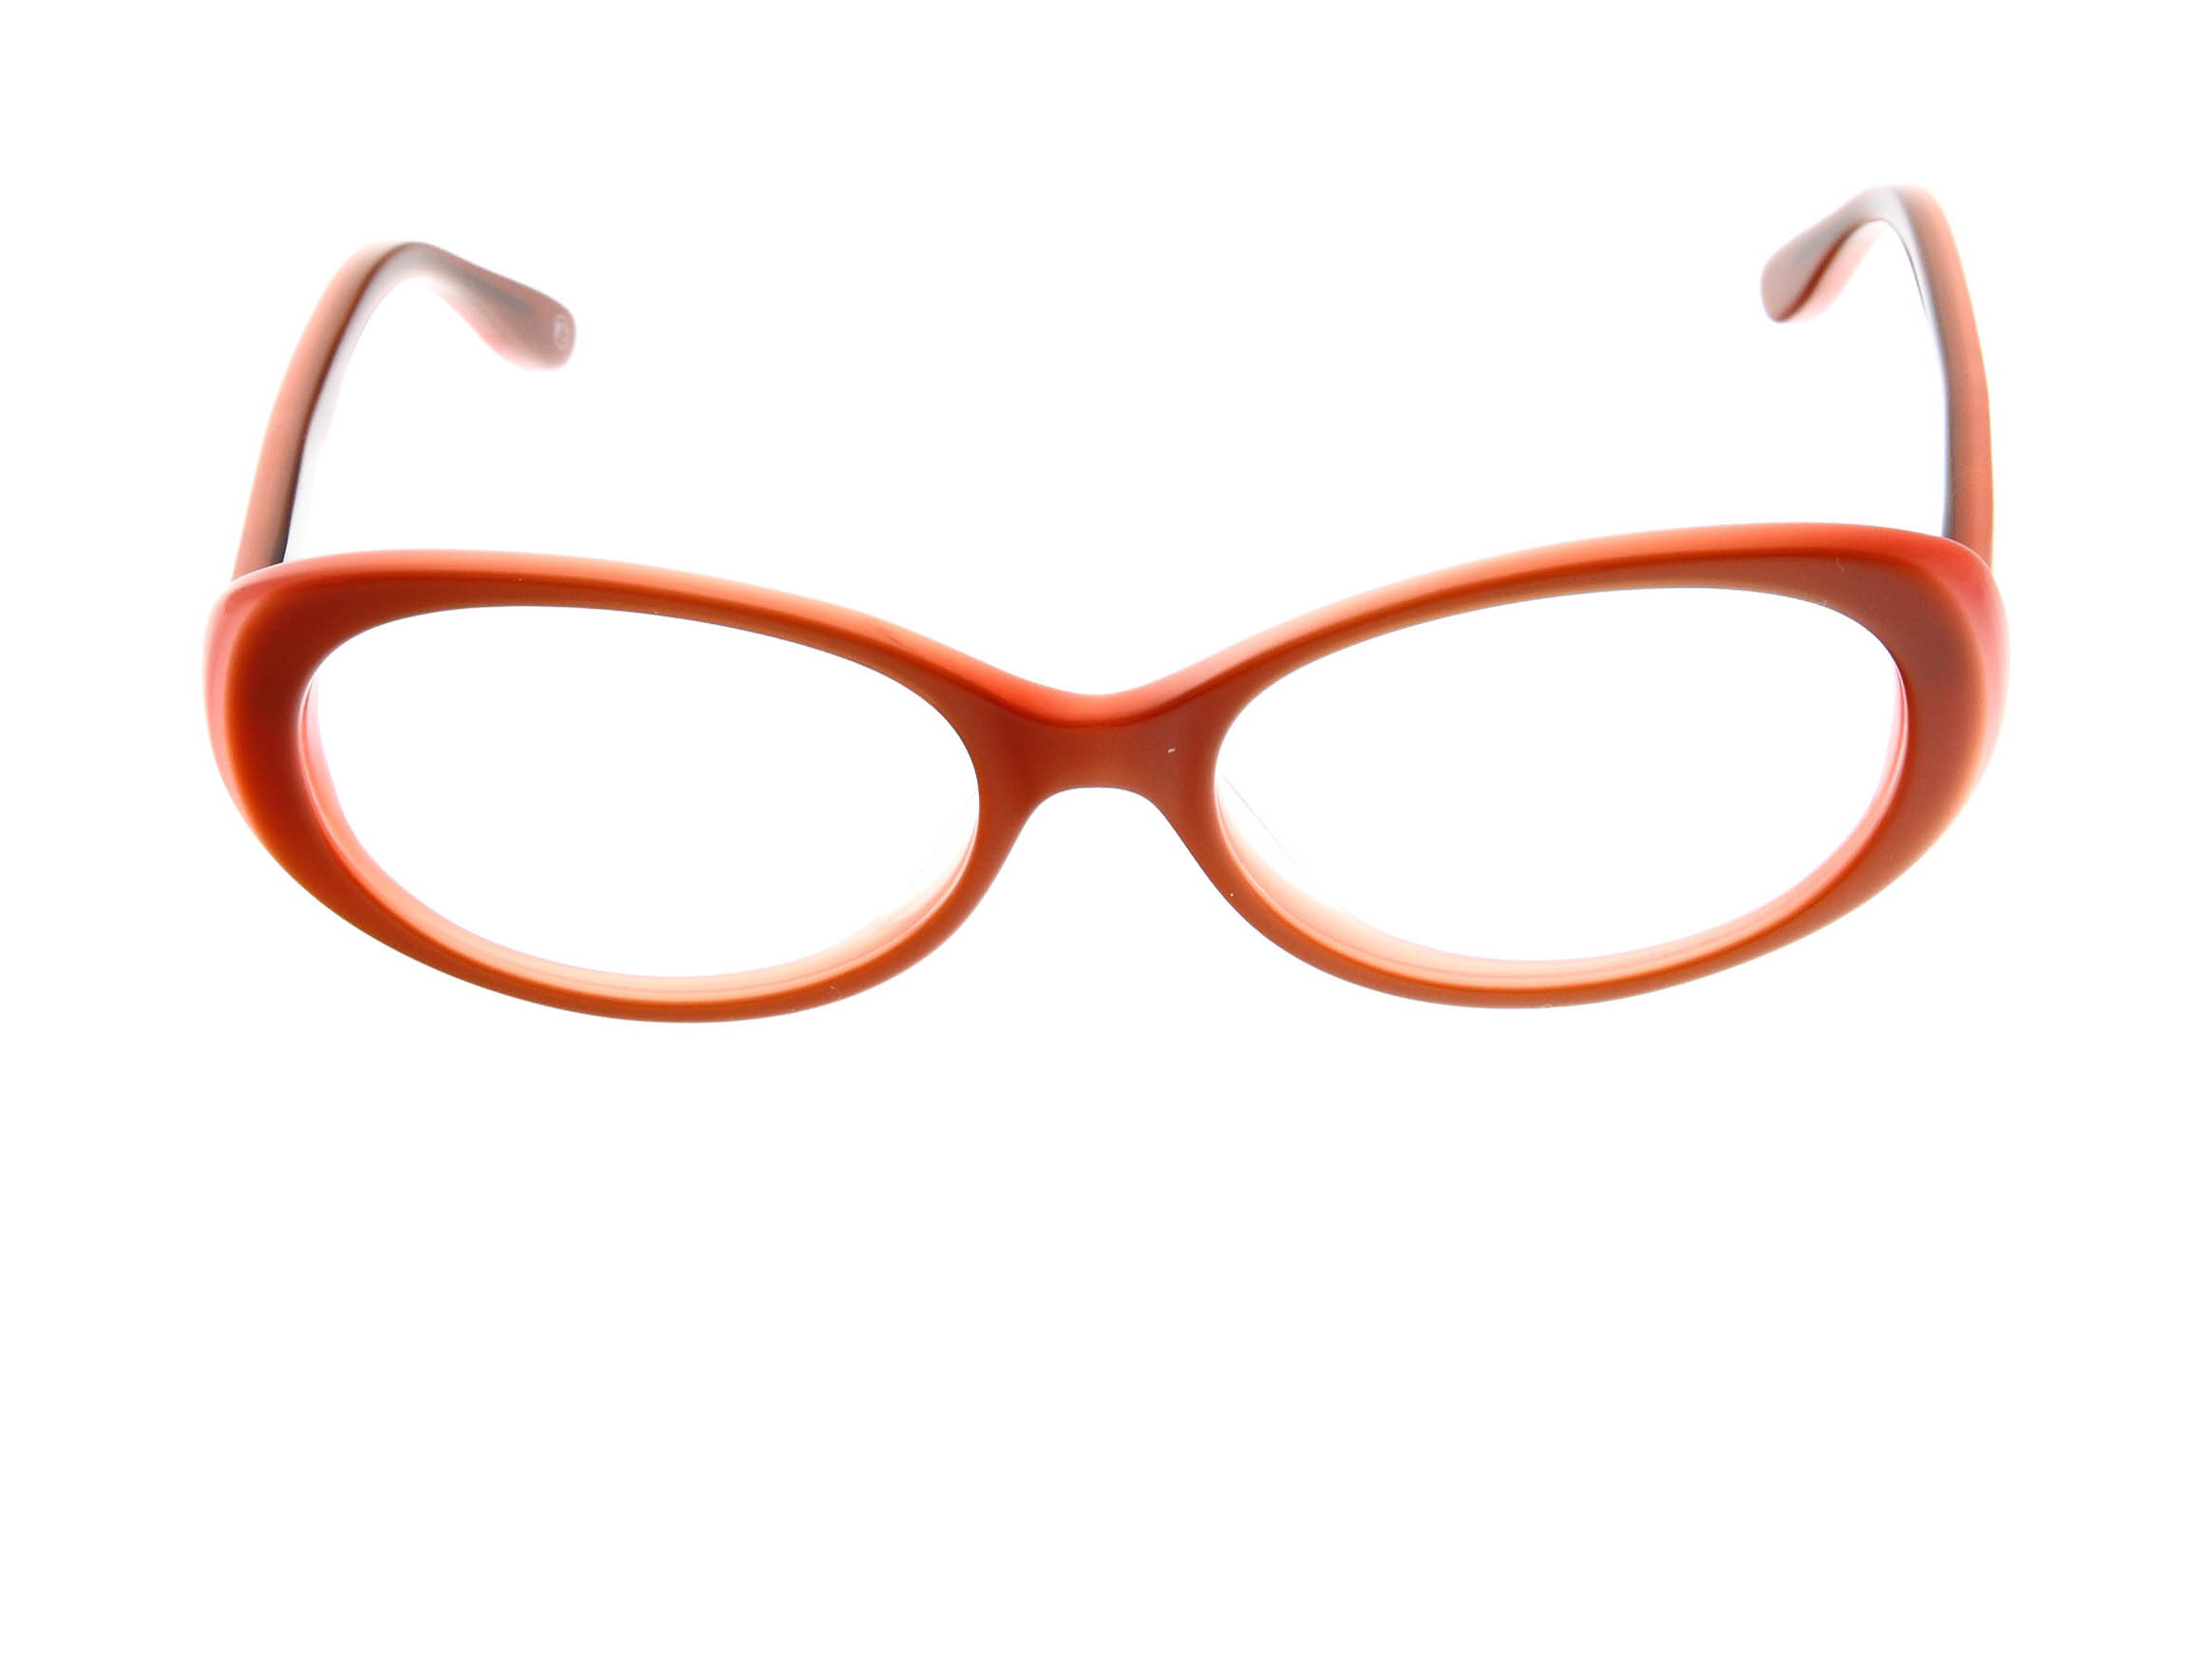 Оправа для очков детям фото